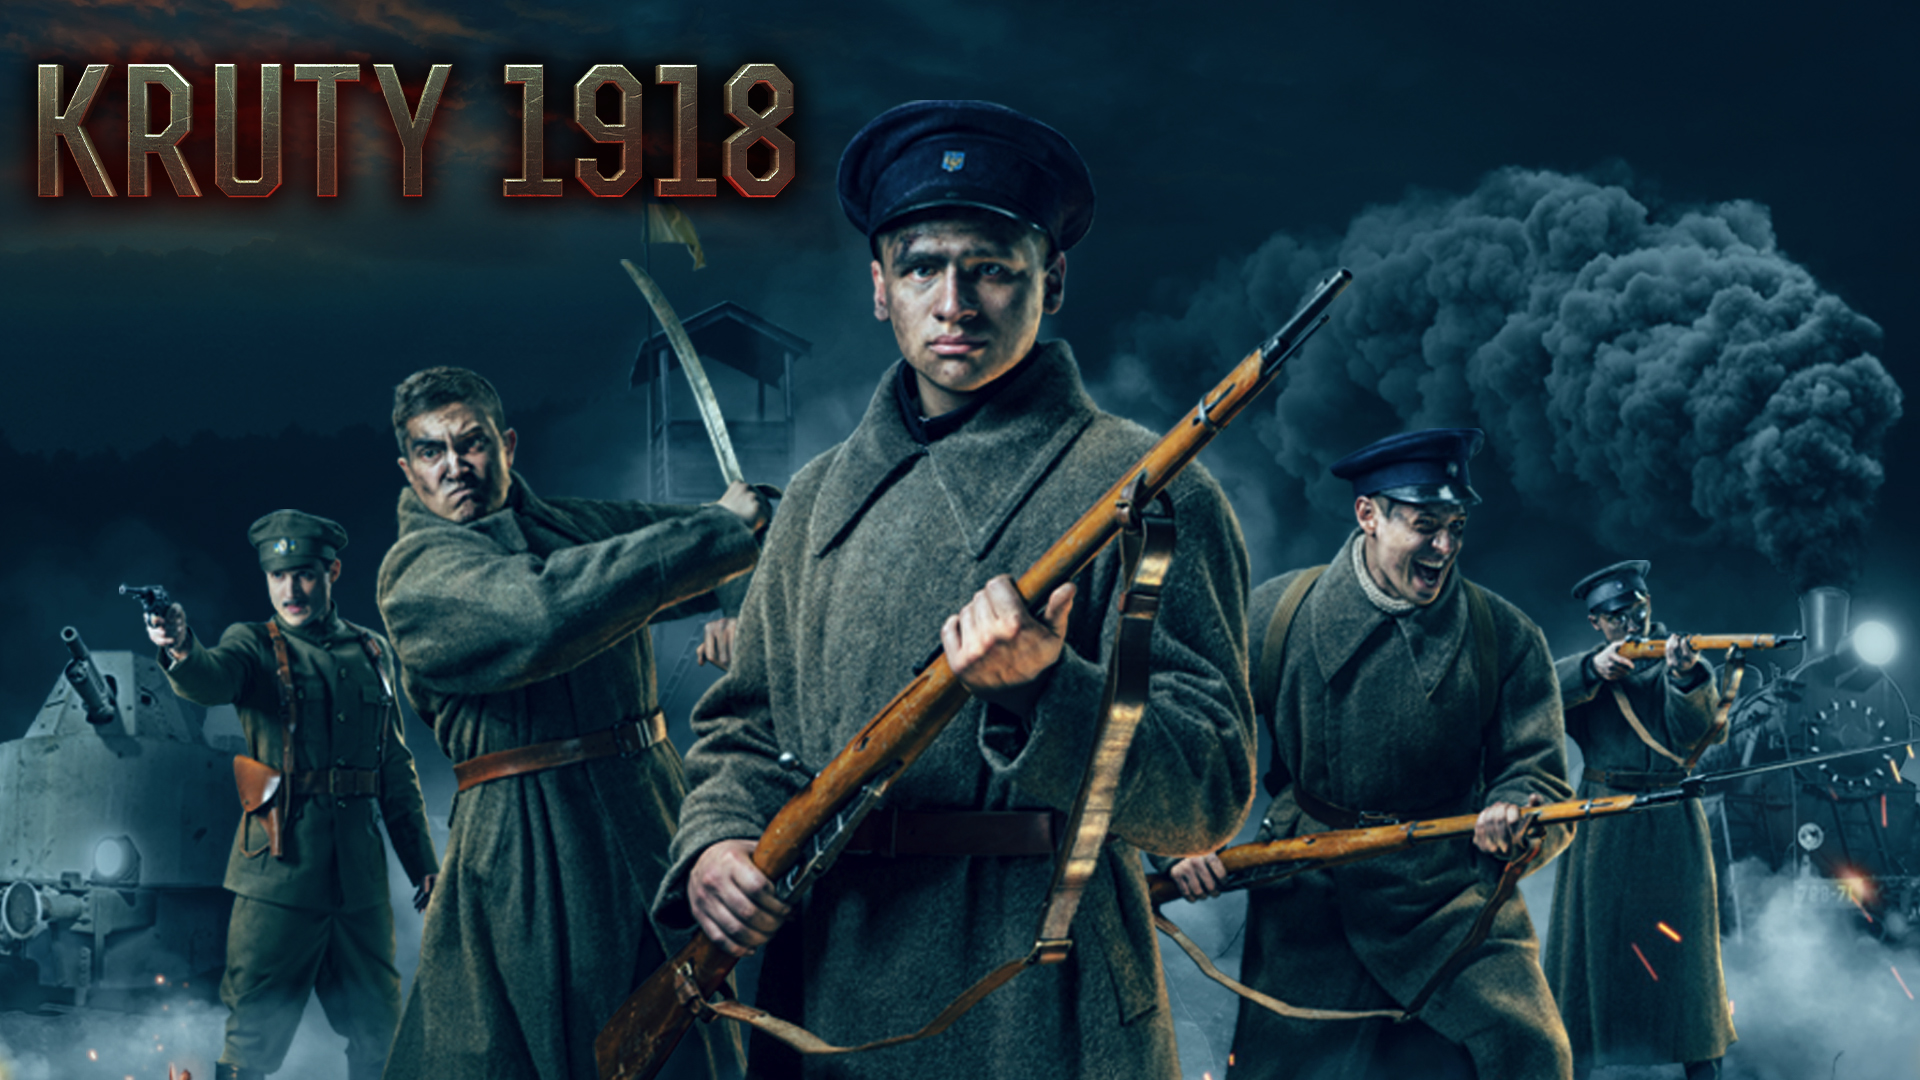 Kruty 1918